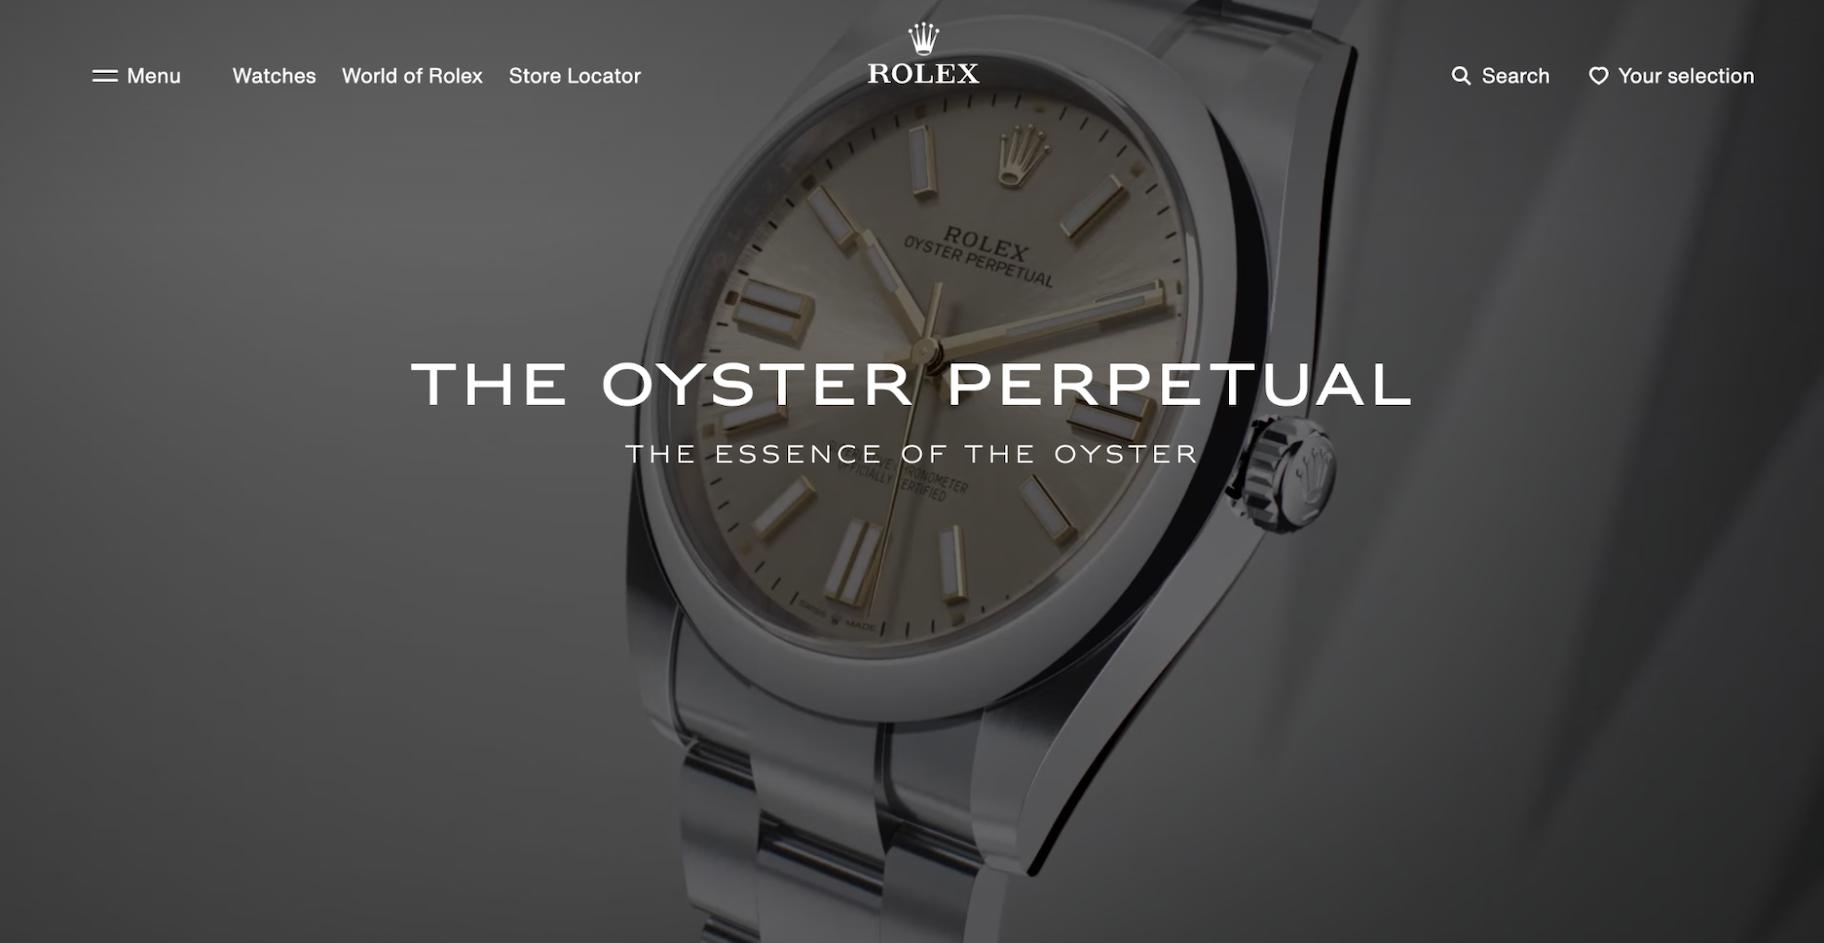 Premium Pricing: Rolex